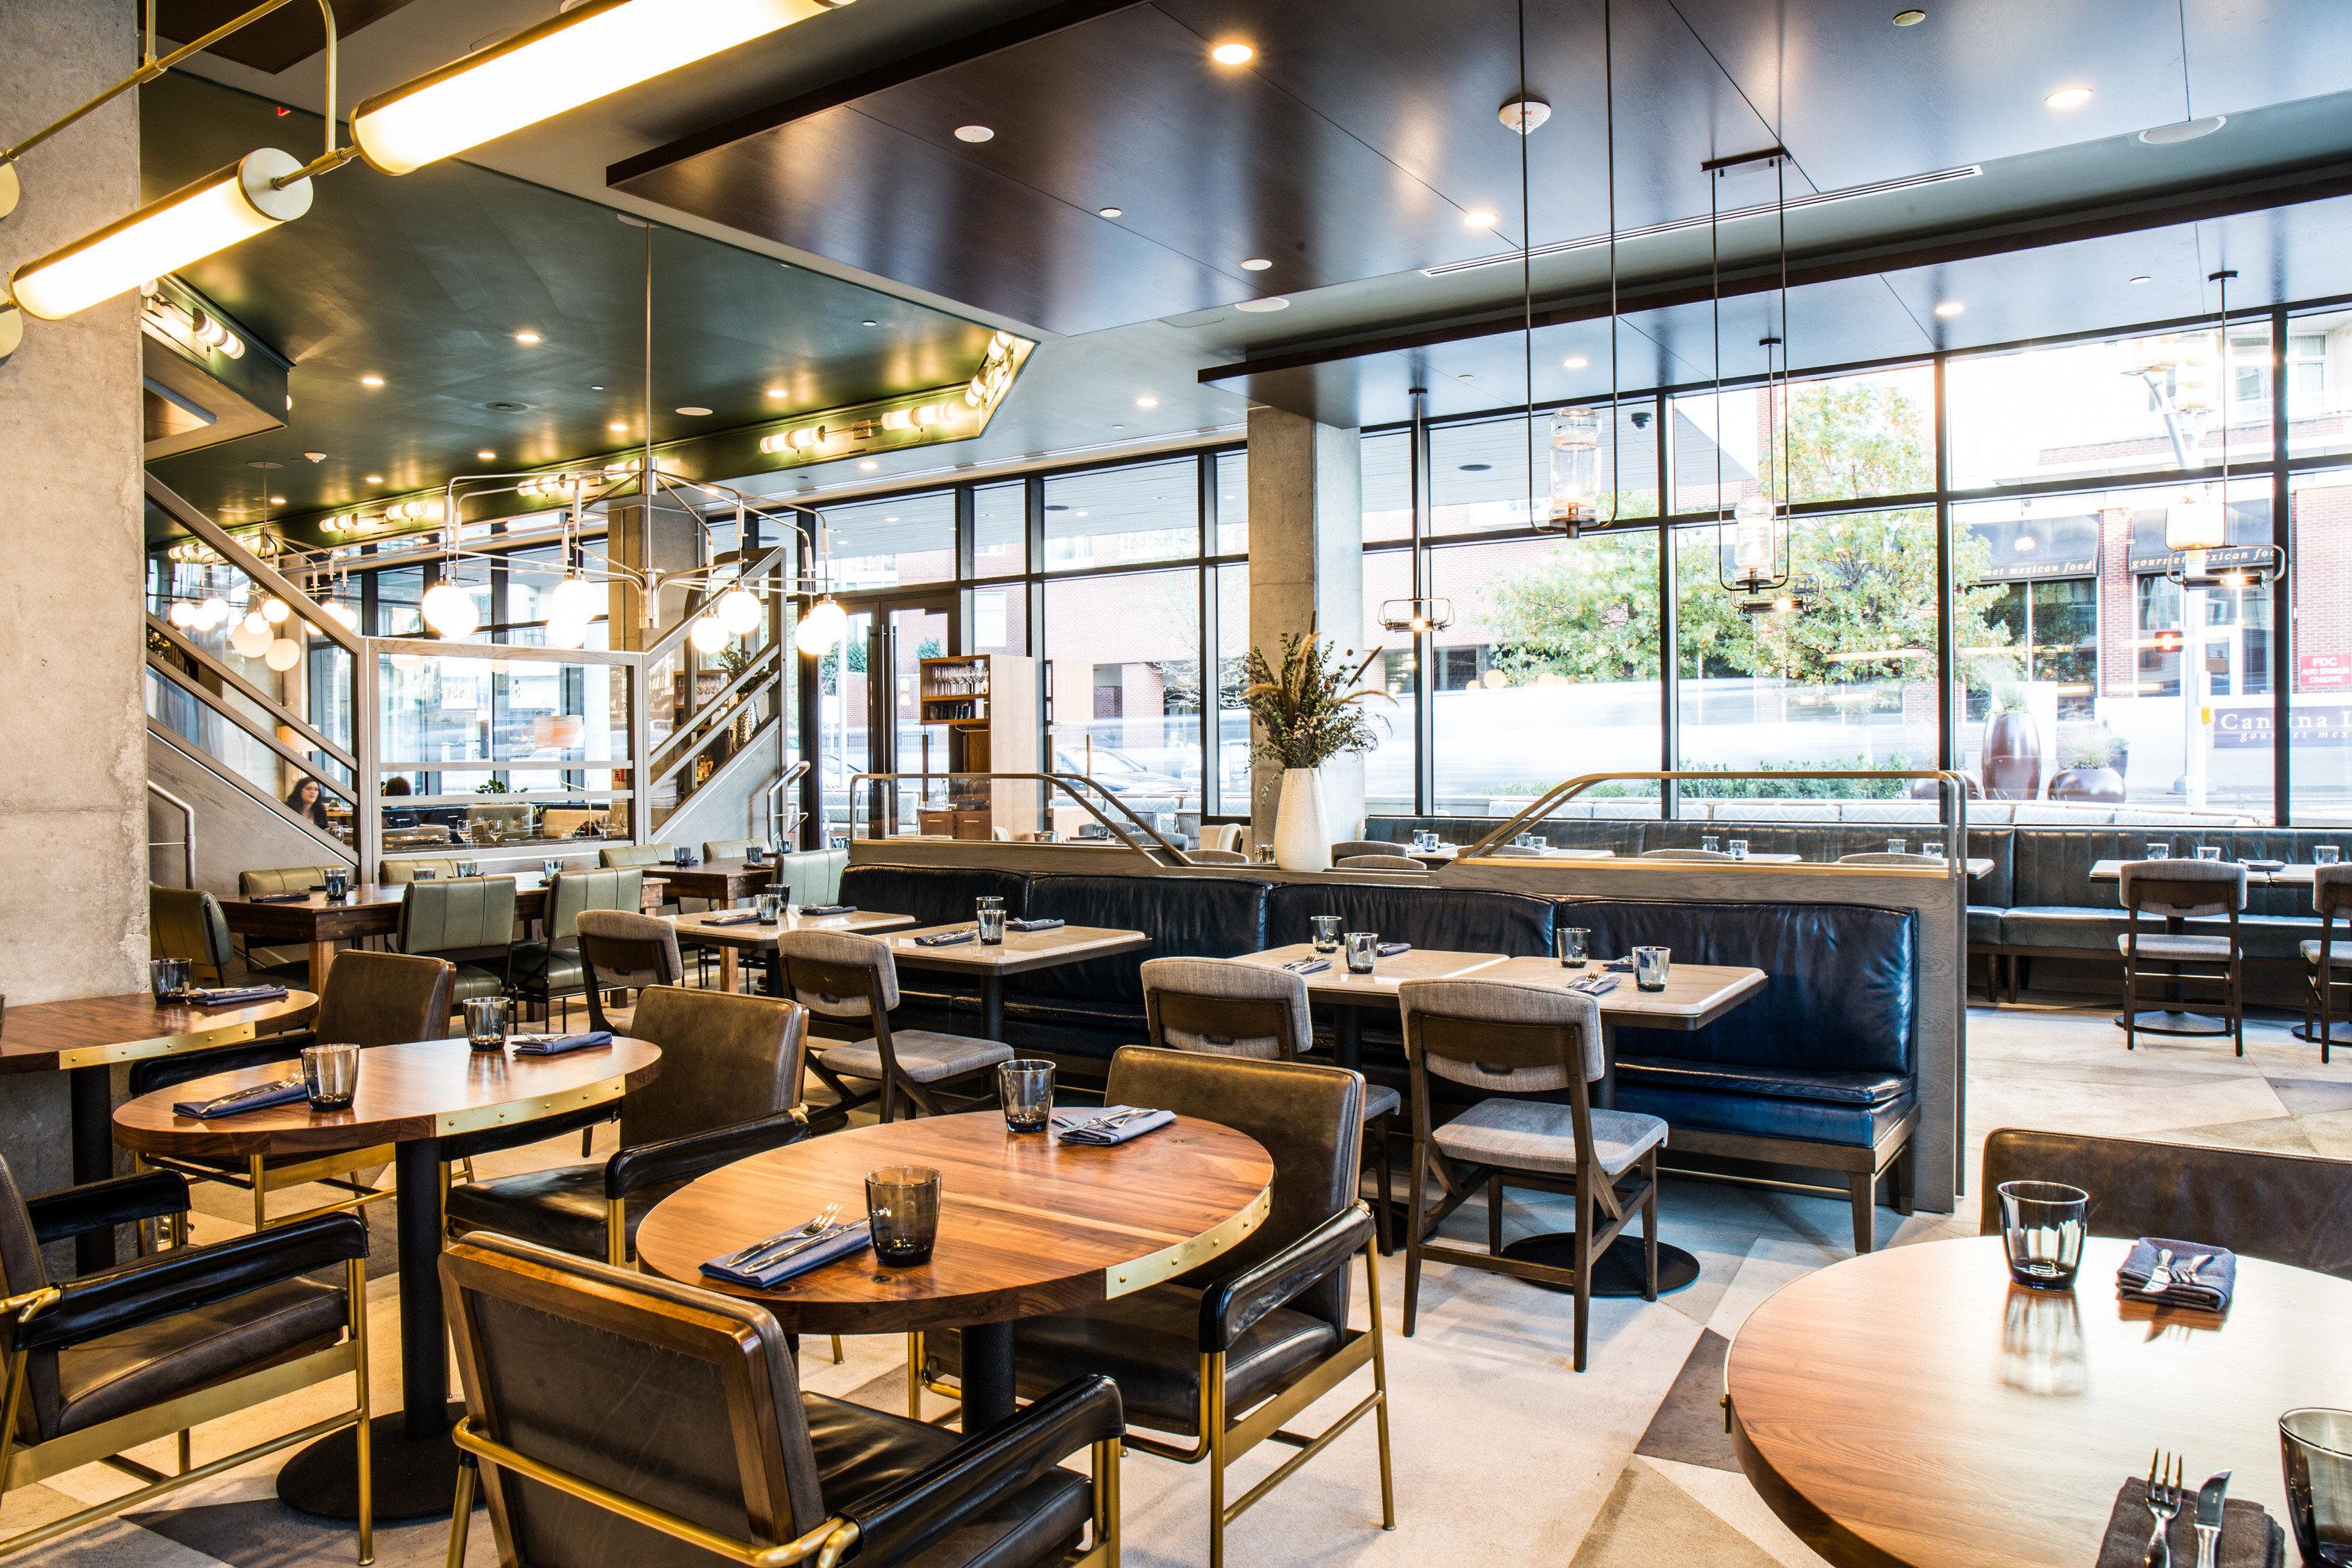 Food + Drink indoor floor restaurant room ceiling interior design café cafeteria furniture several